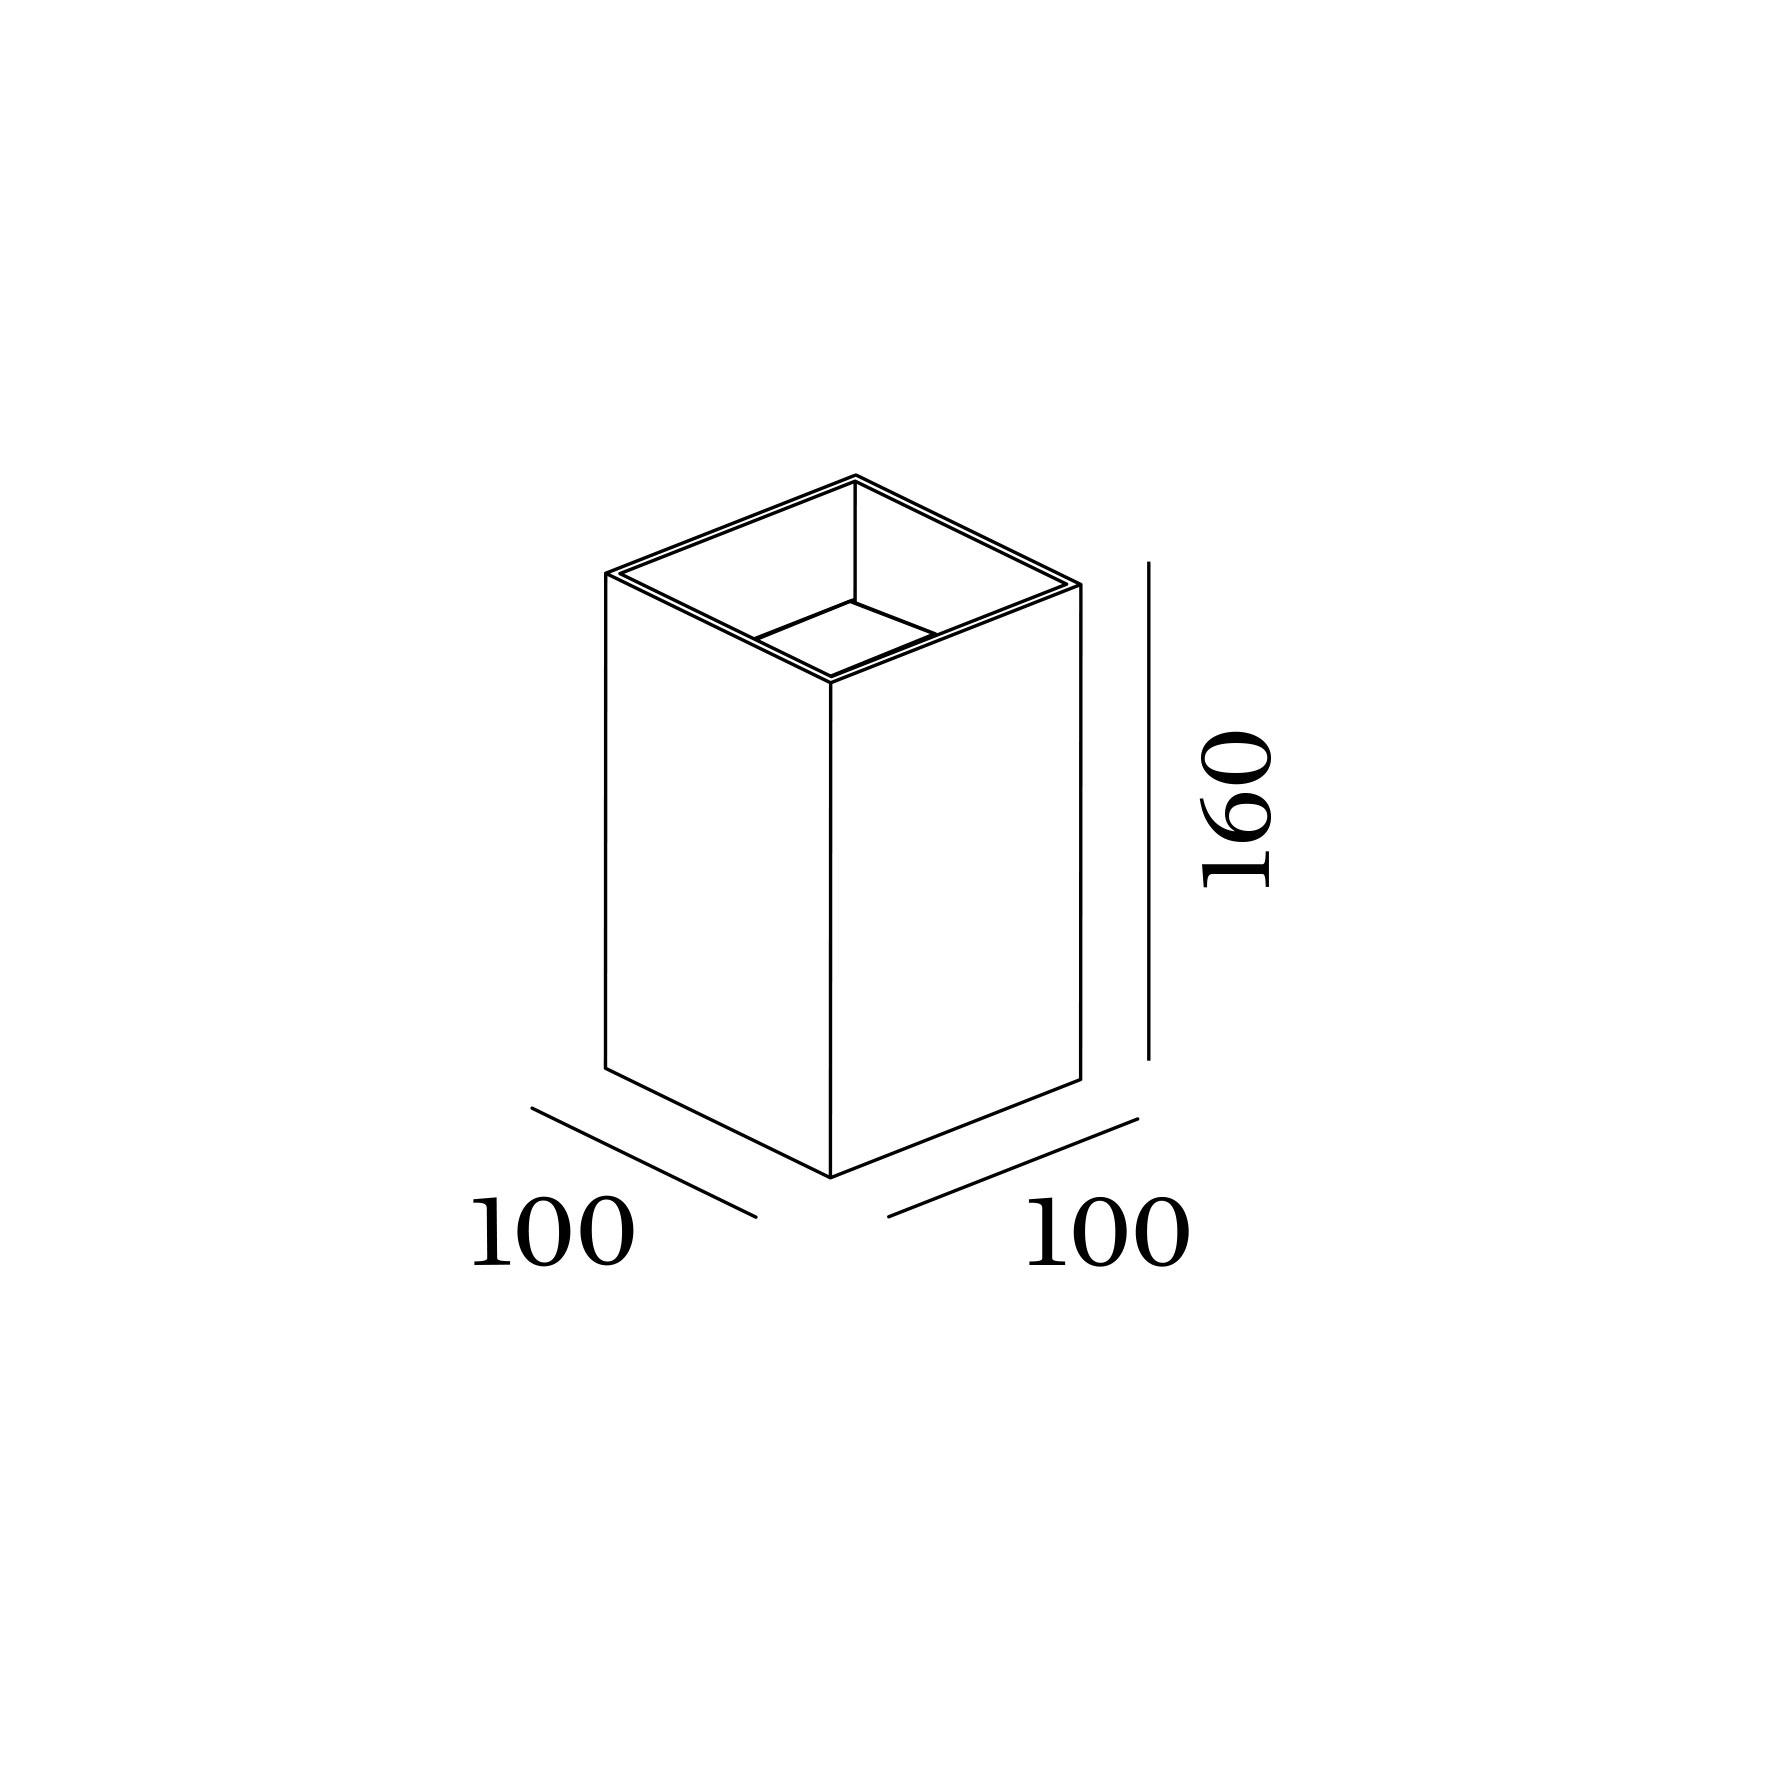 Box exterior wall surface 3.0